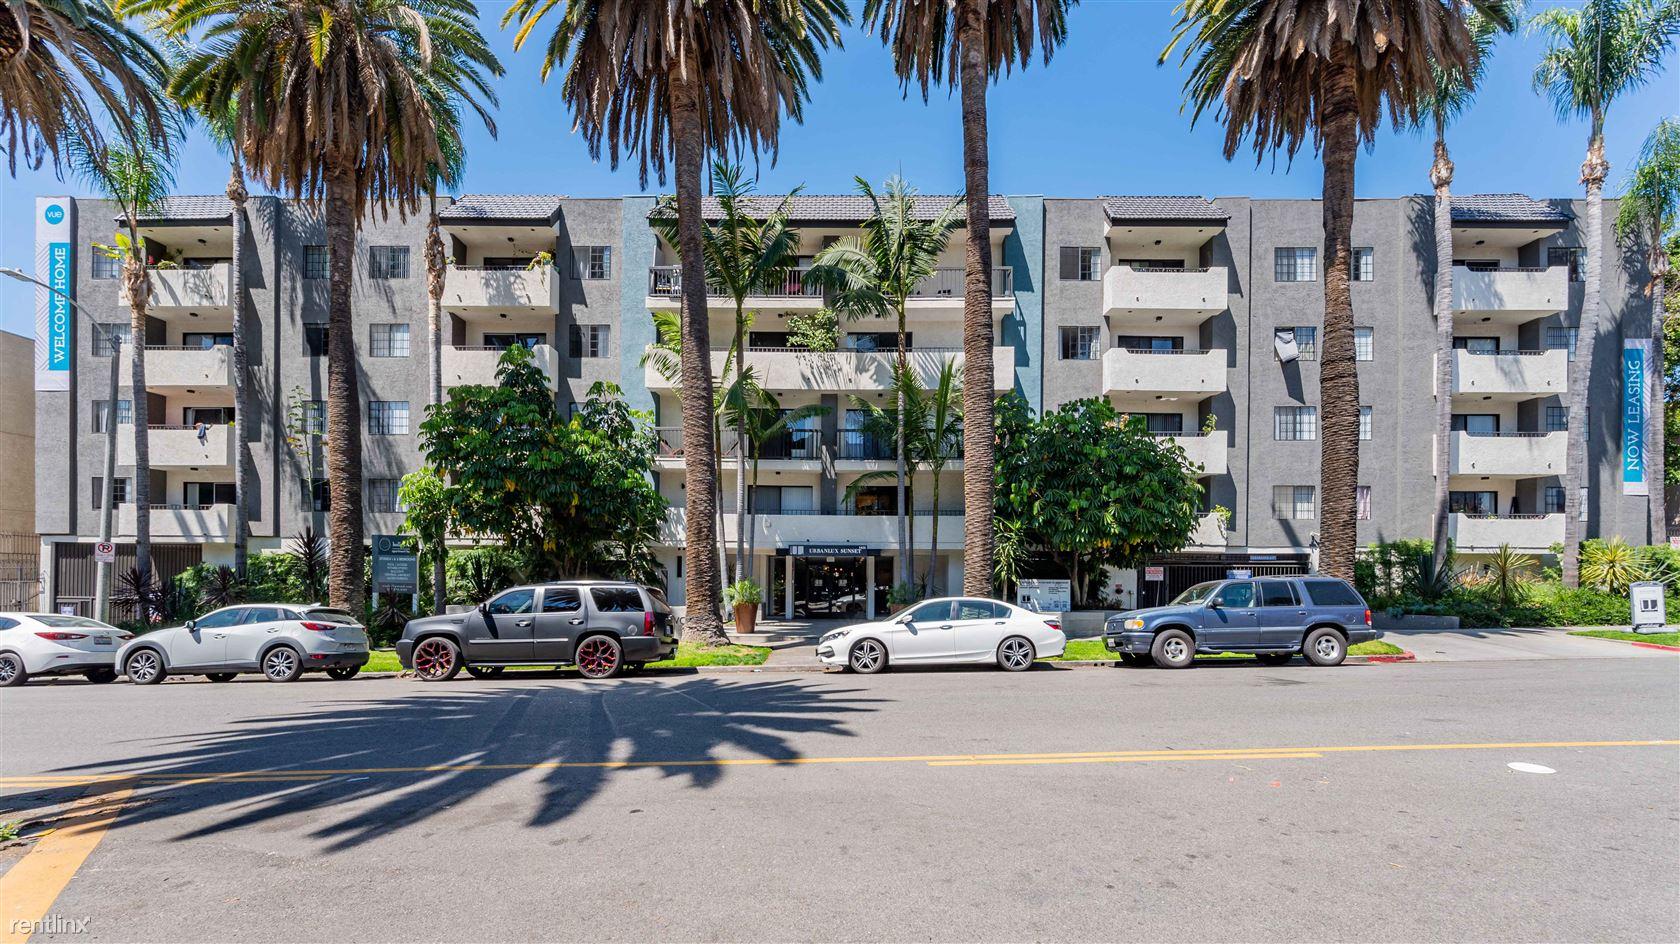 1425 N Alta Vista Blvd - 3200USD / month